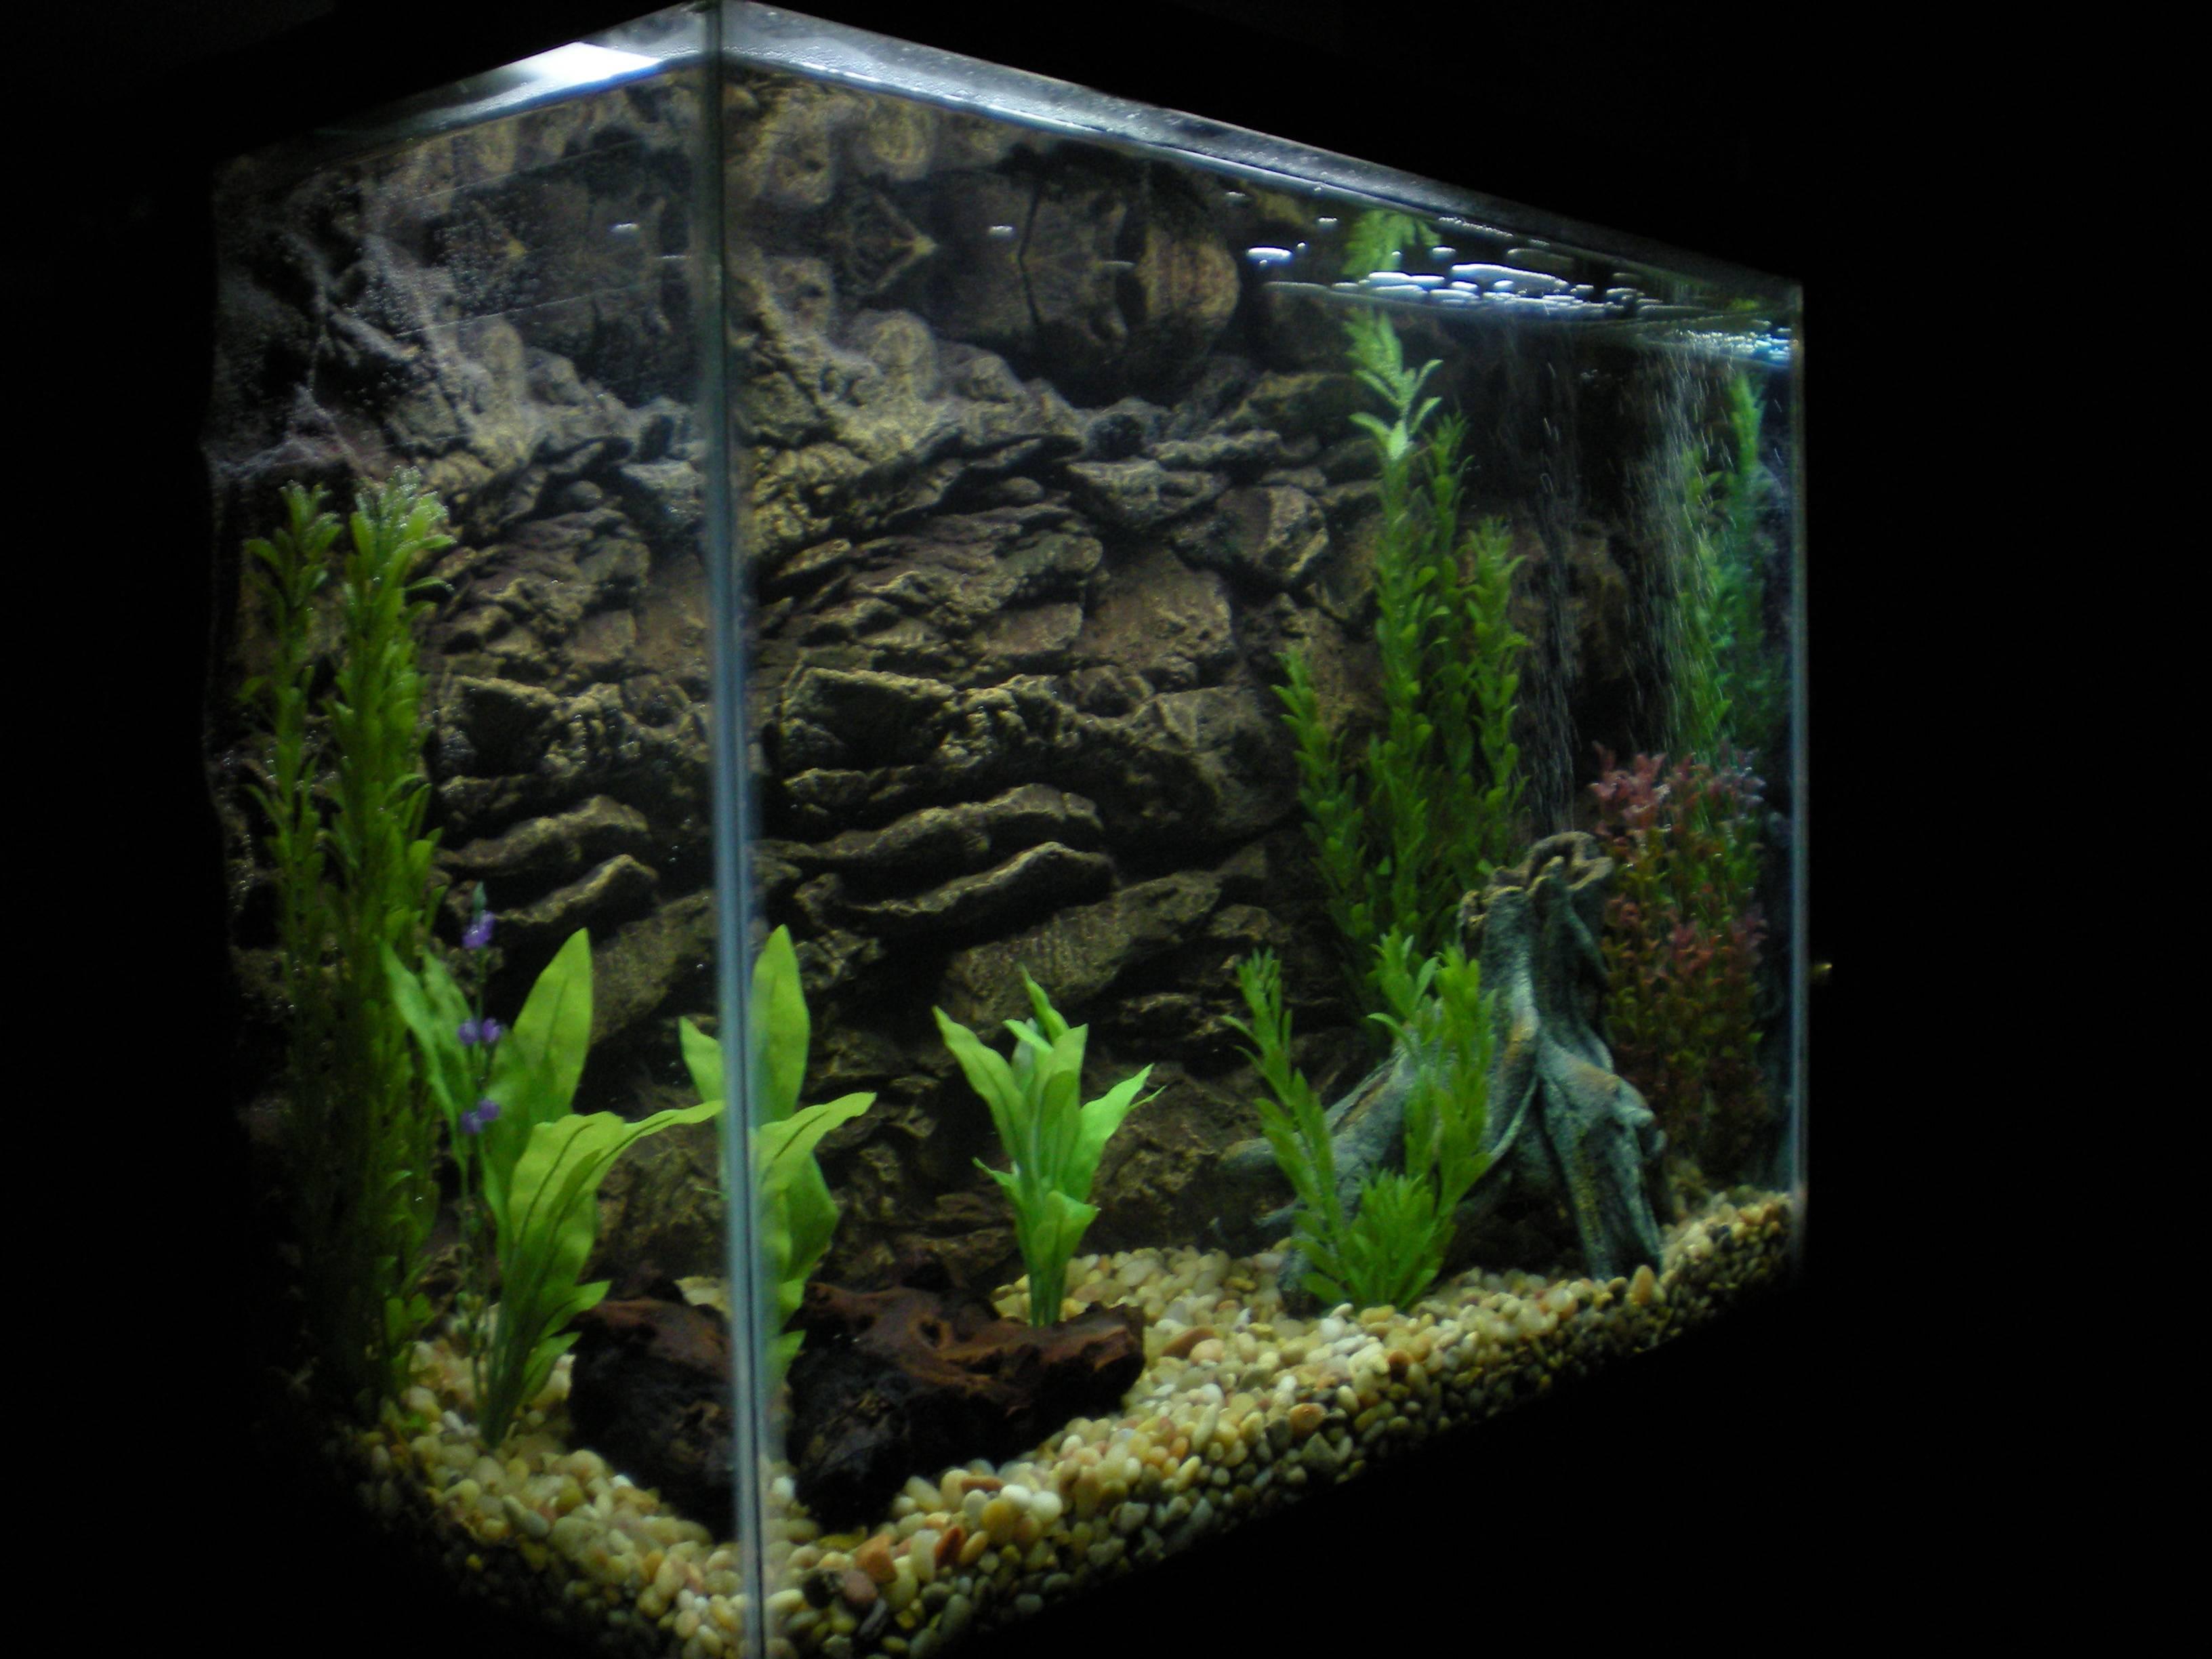 Aquarium Backgrounds 53 Desktop Background | WallFortuner.